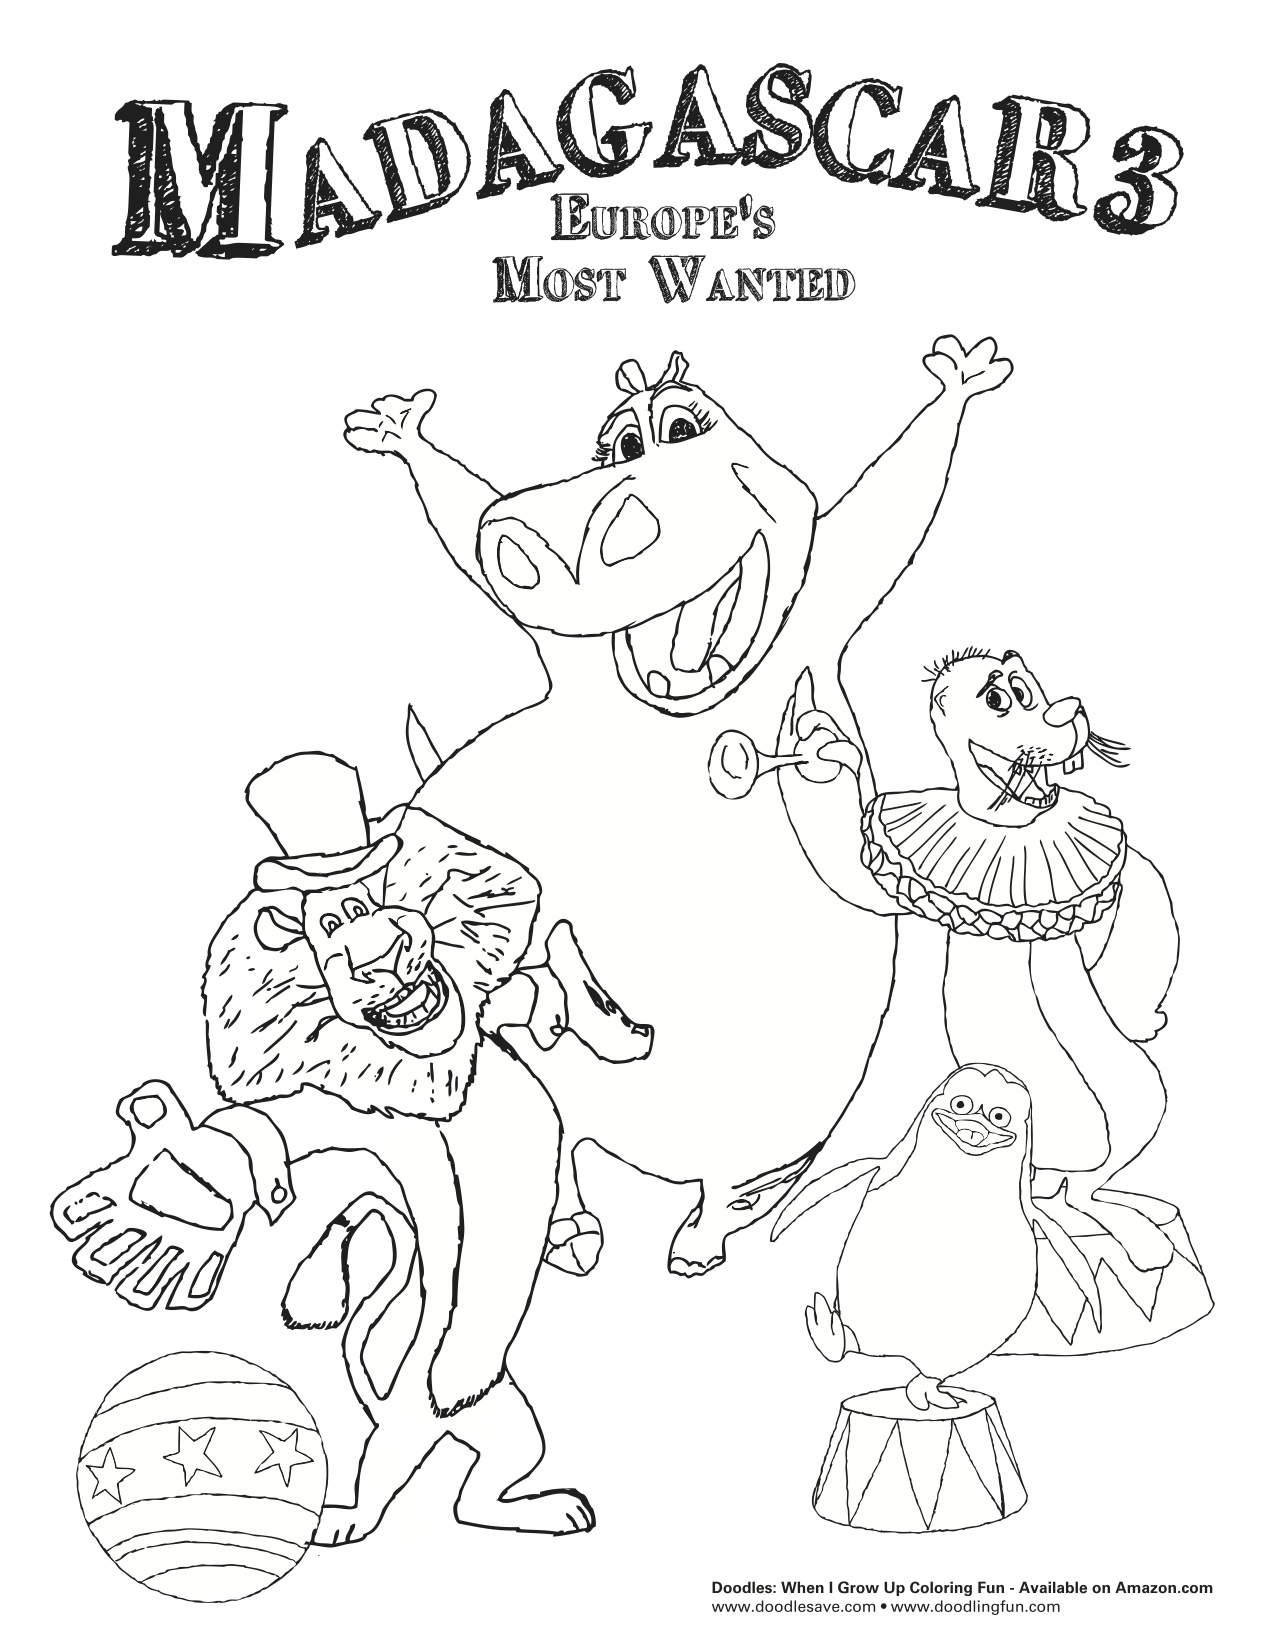 Madagascar 3 Doodles Doodles Ave